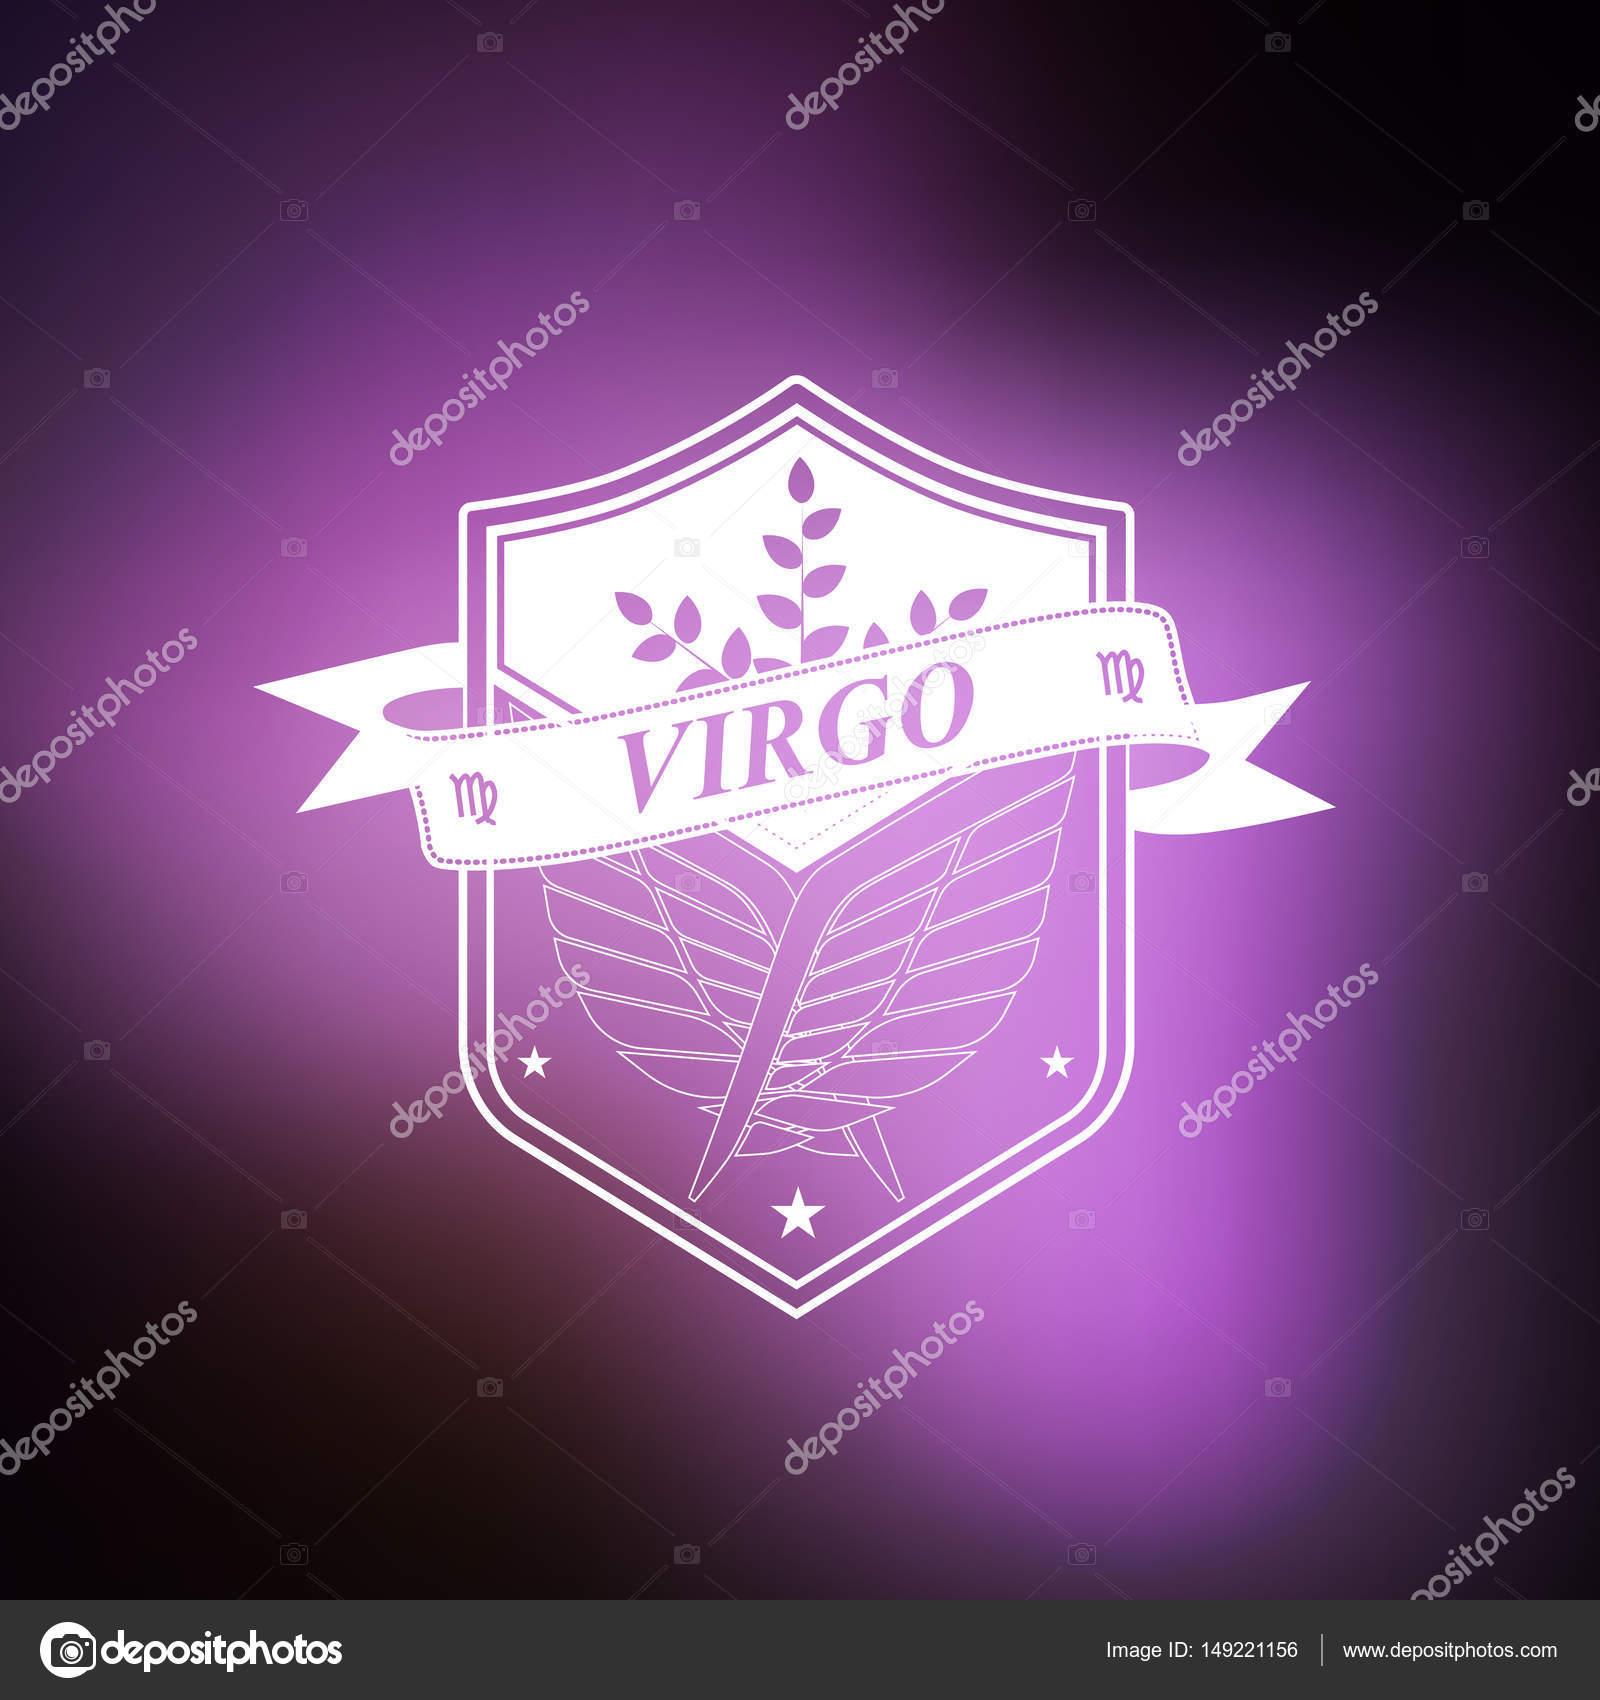 Fotos Horoscopo Virgo Signo De Virgo Zodiaco Horóscopo Tatuaje